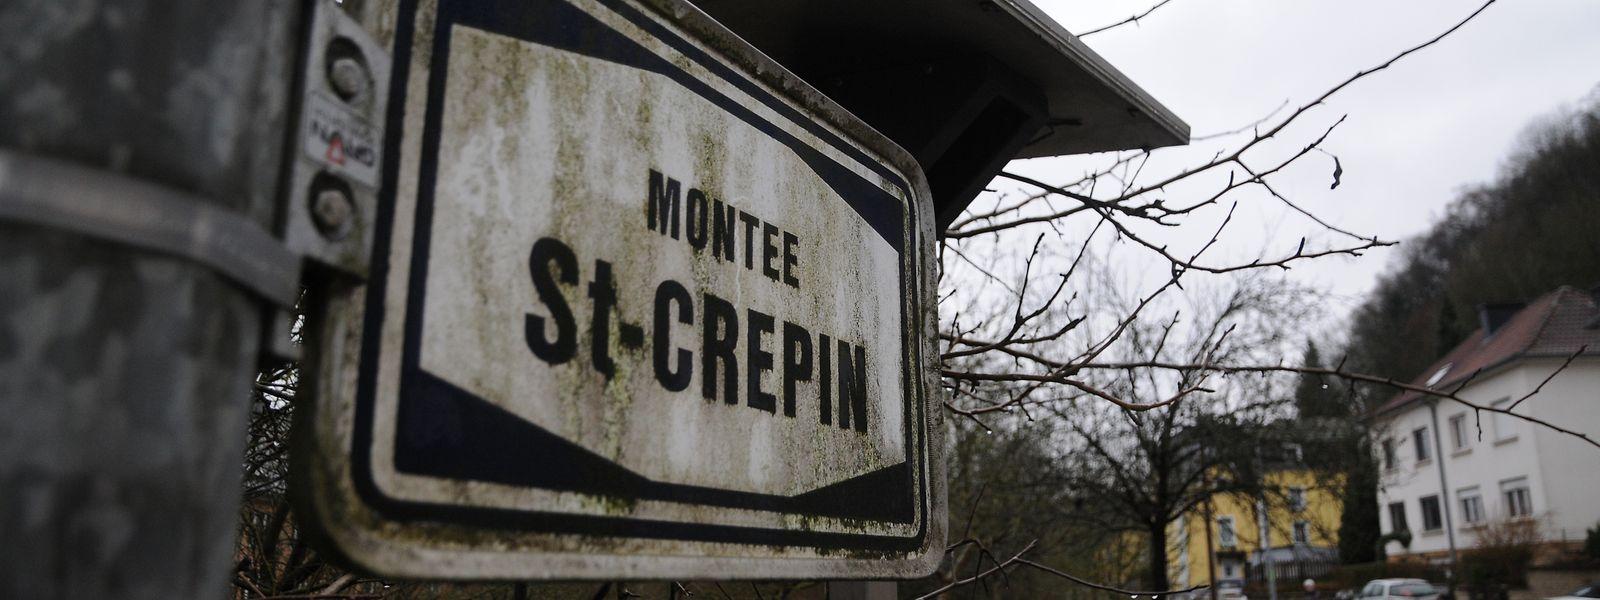 Im Dezember 2012 überfallen die Täter einen Geschäftsmann in seiner Wohnung in der Montée St-Crépin in Luxemburg-Stadt und nehmen ihn als Geisel. Er bleibt nicht ihr einziges Opfer.